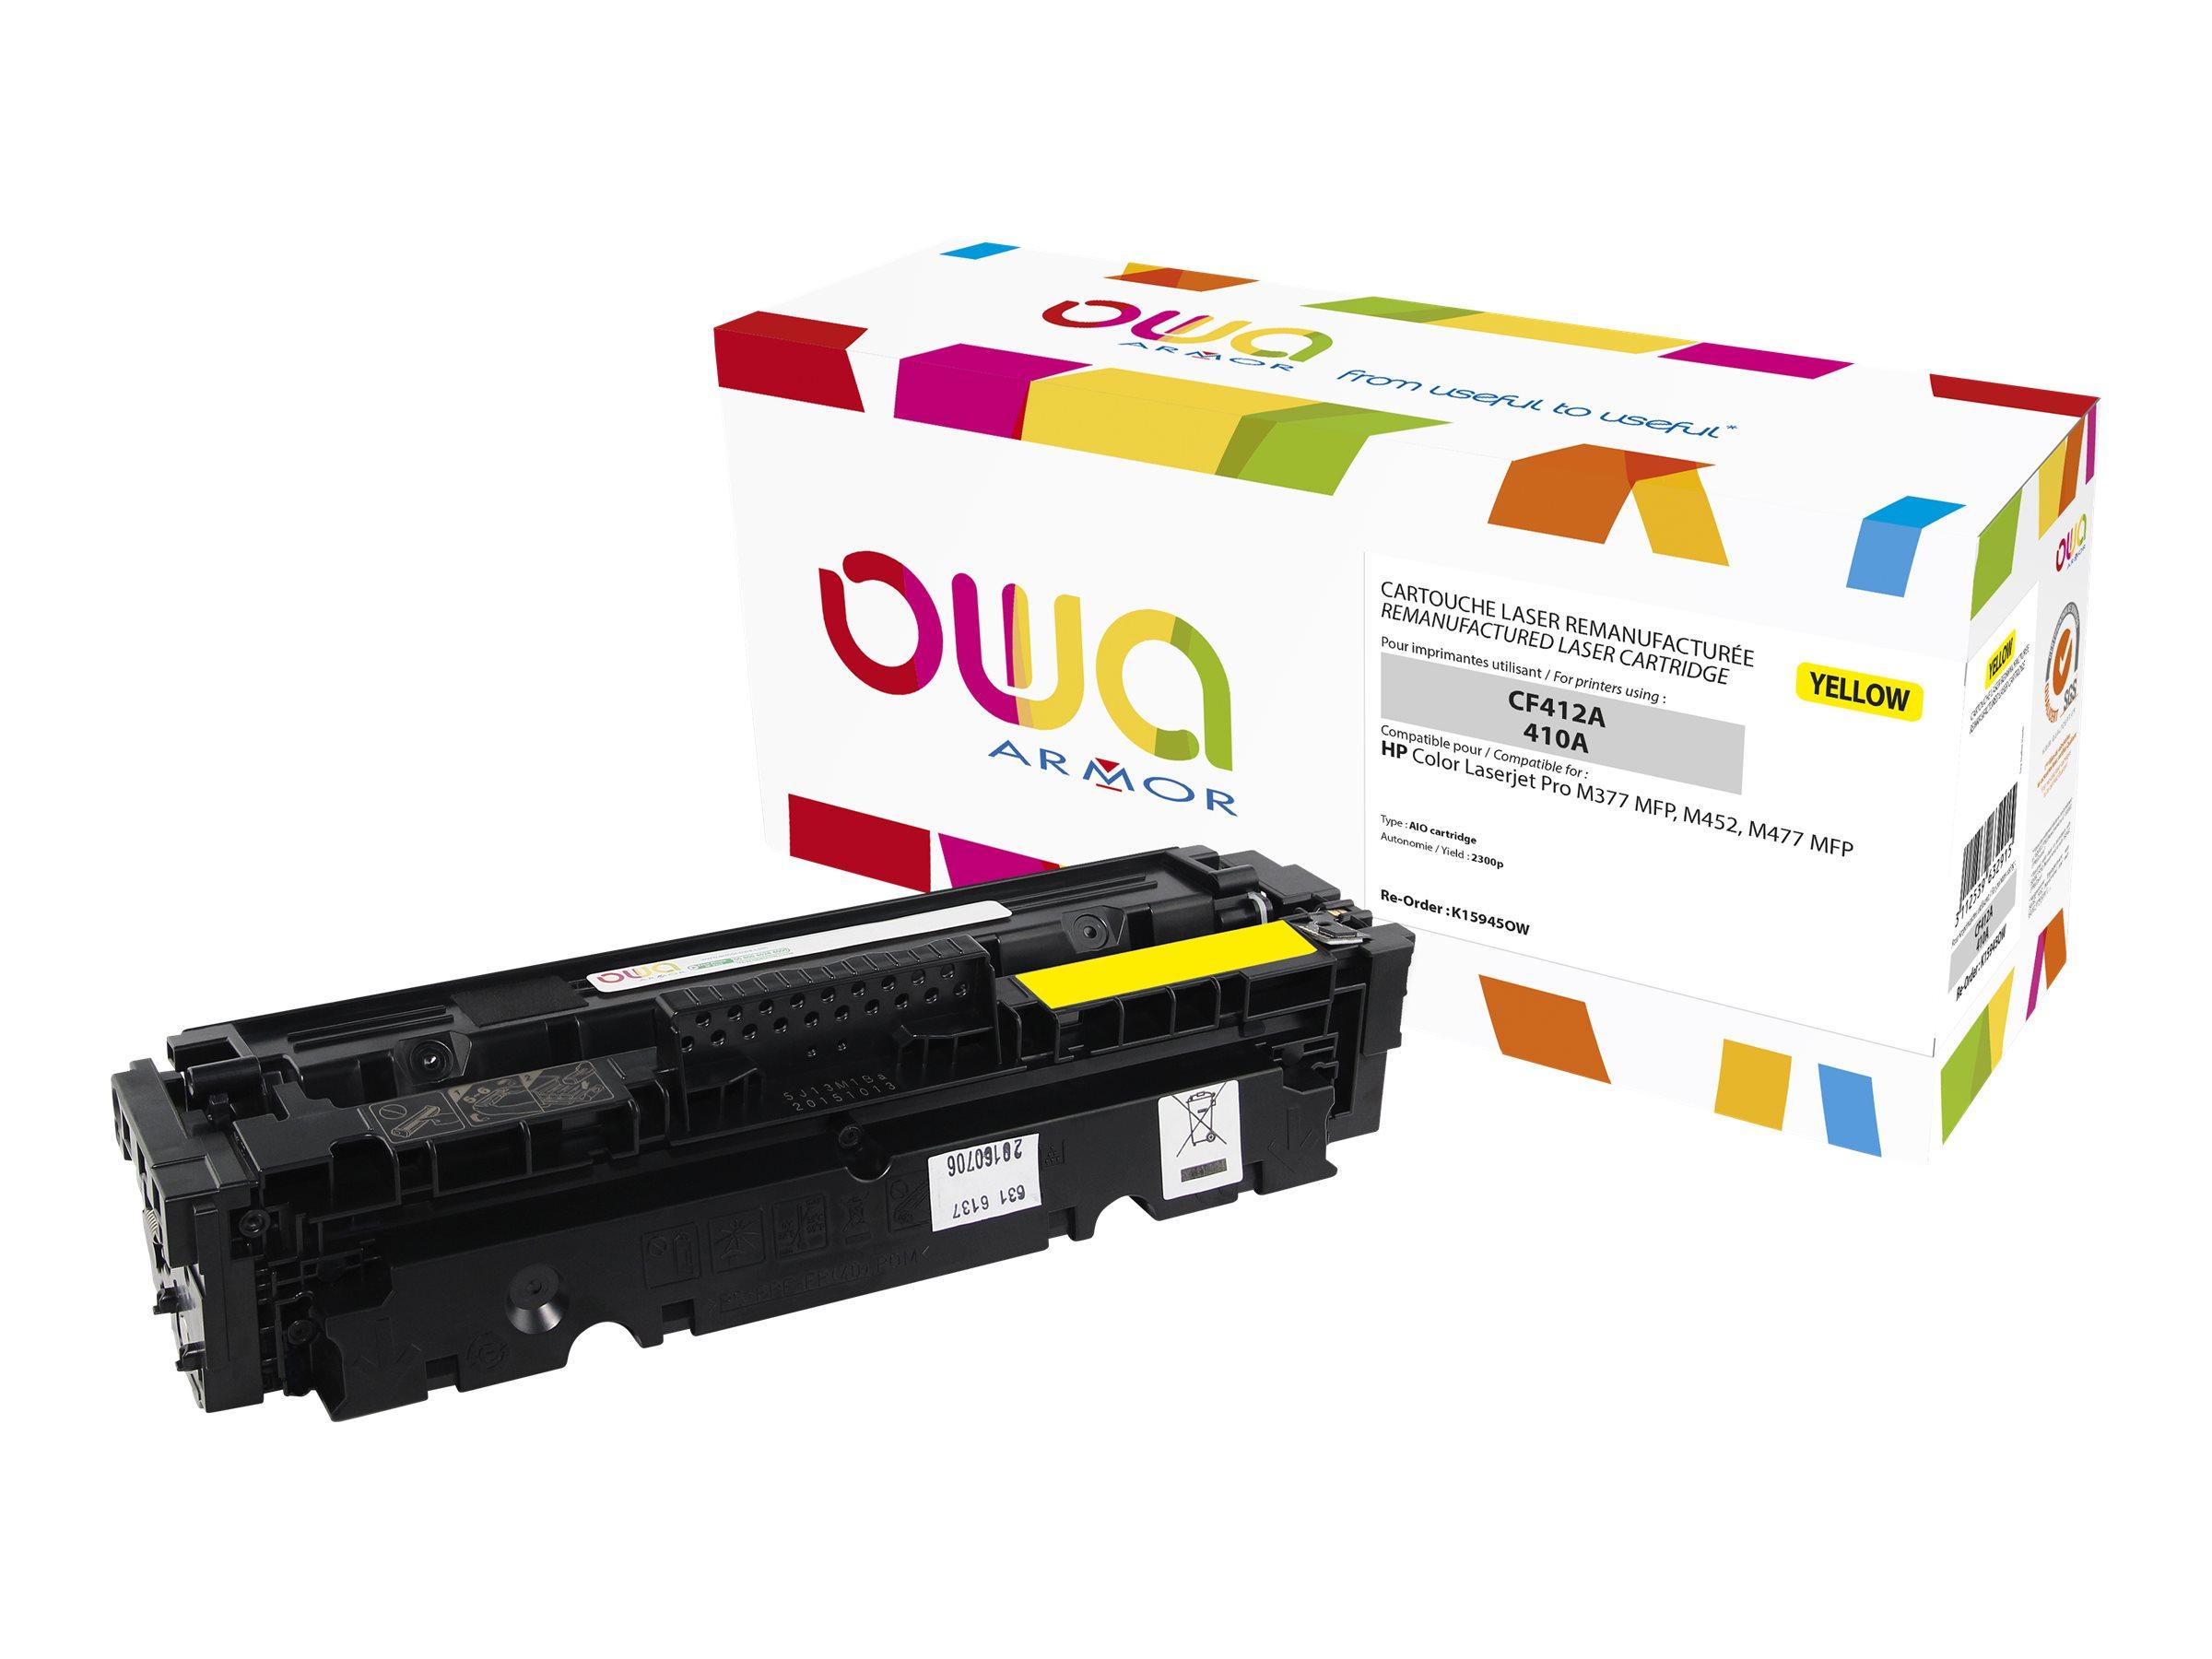 HP 410A - remanufacturé Owa K15945OW - jaune - cartouche laser